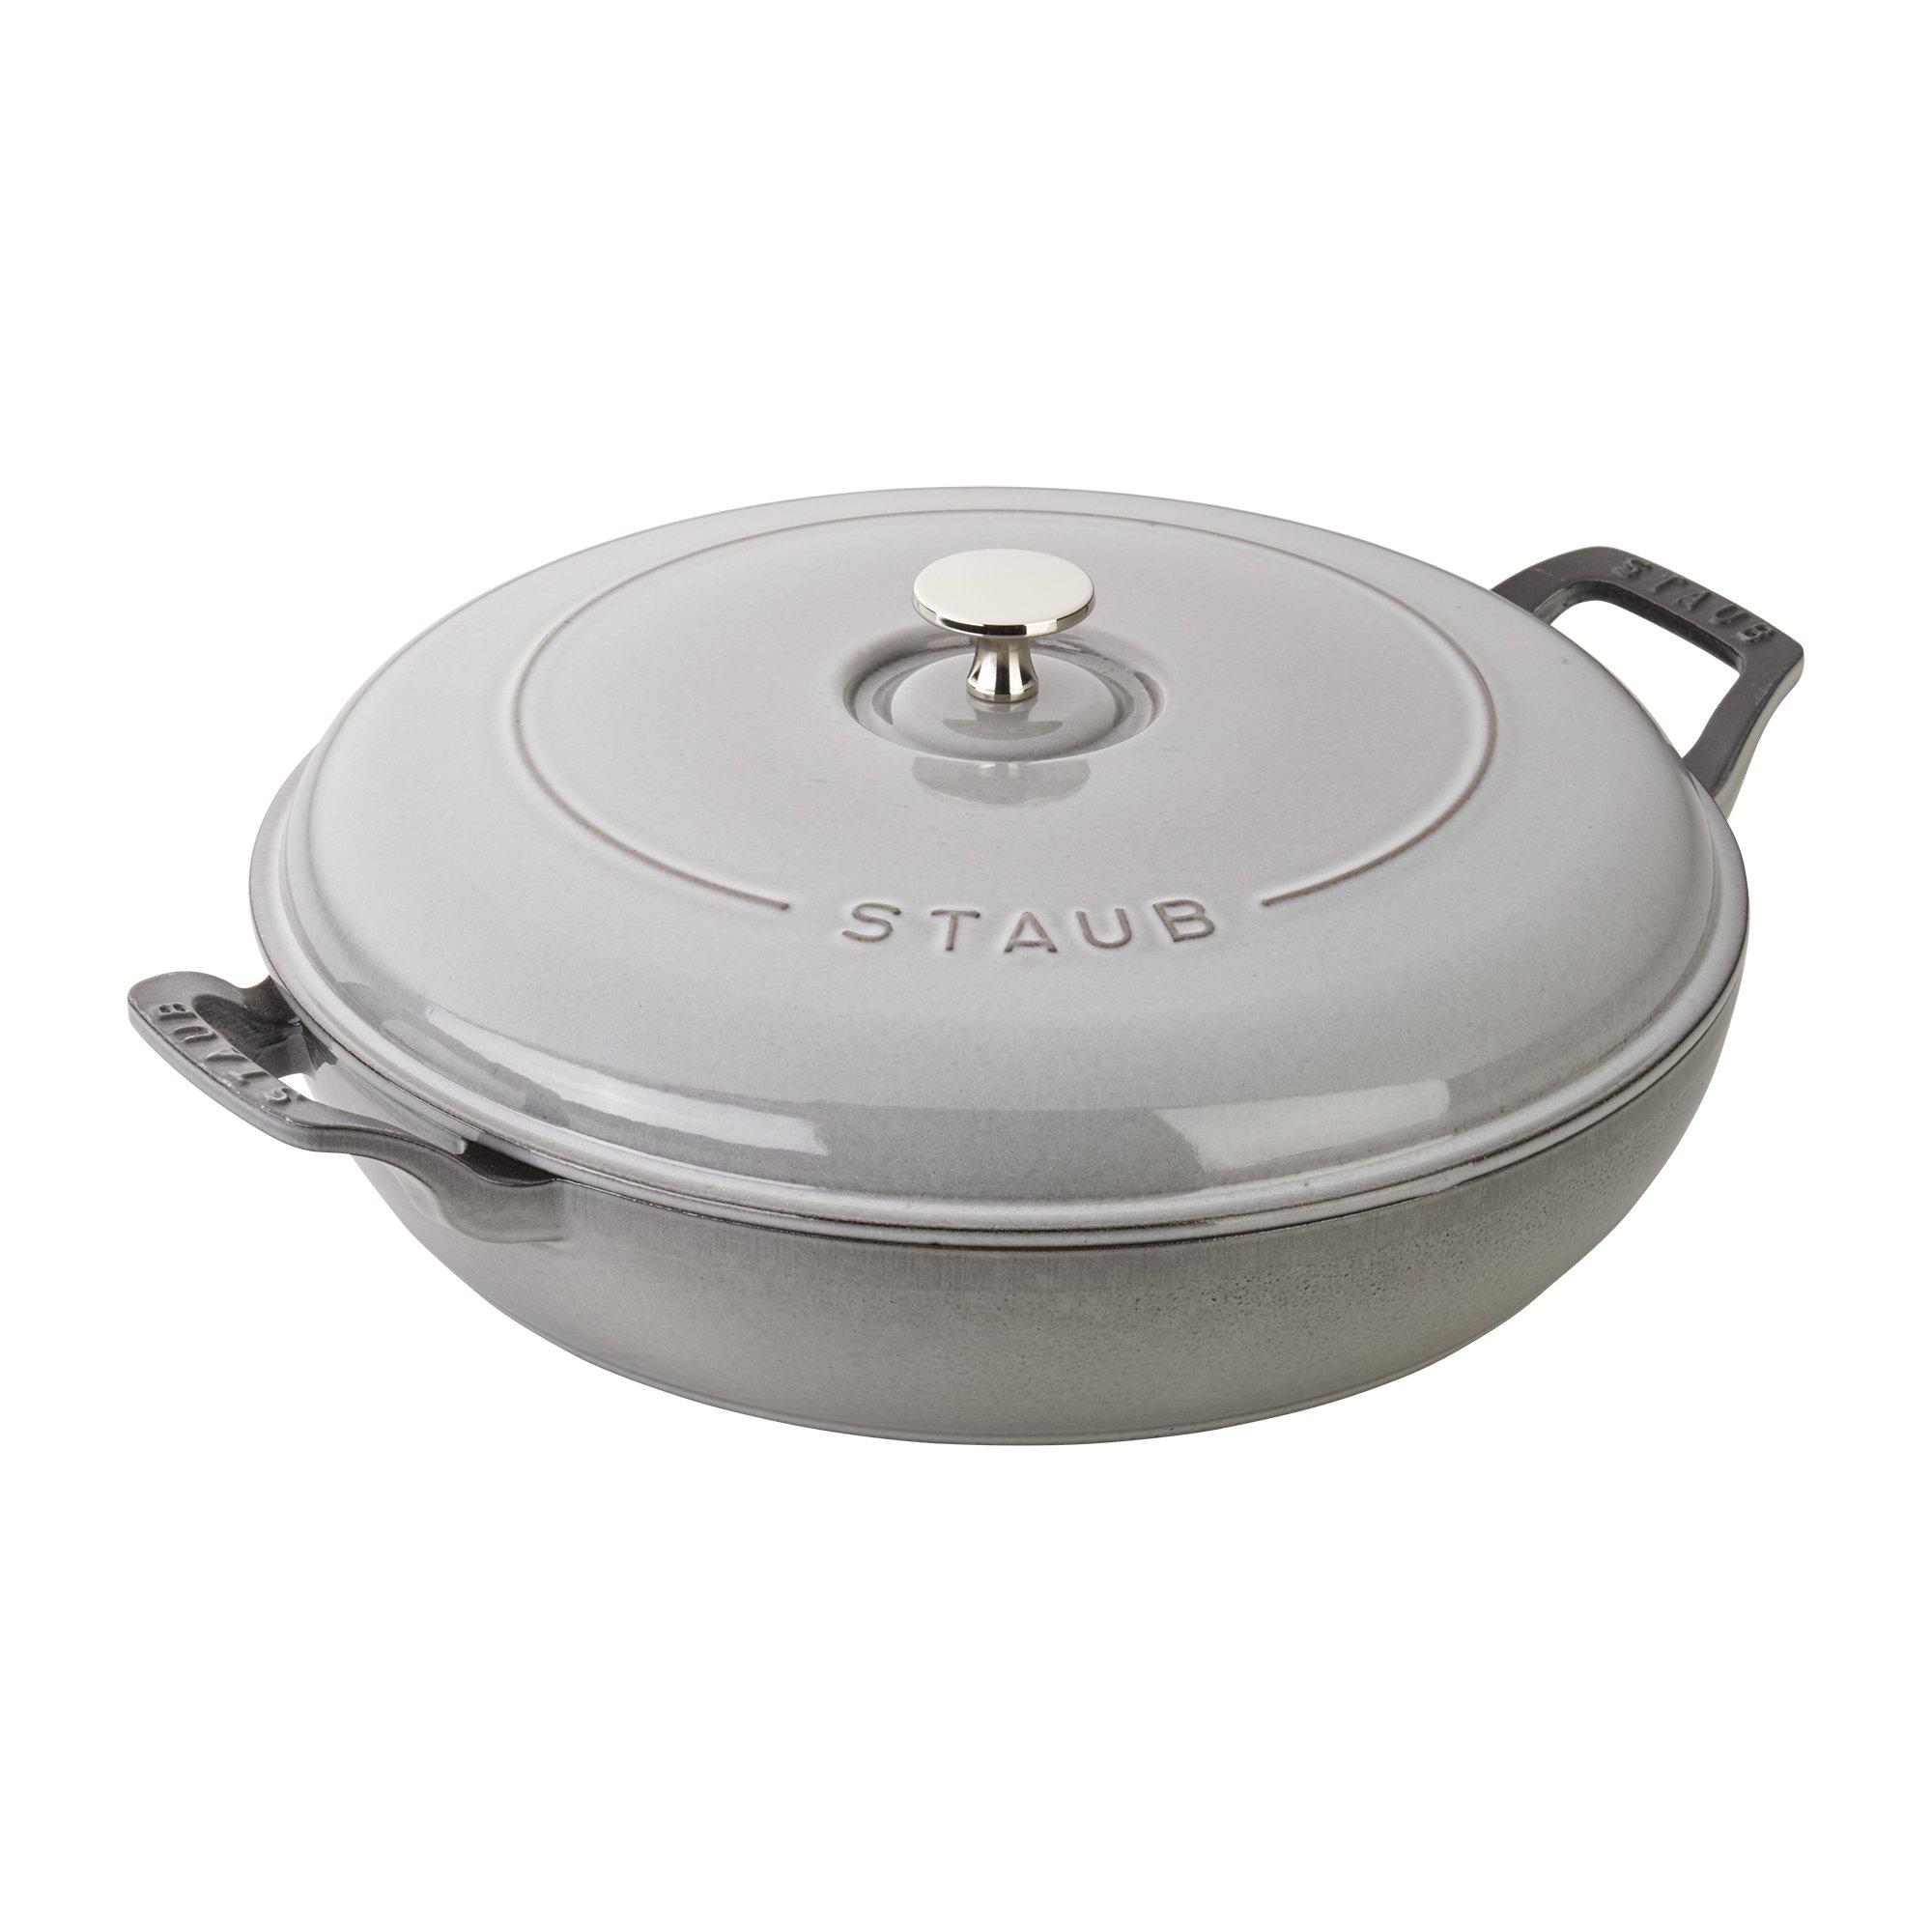 Staub Cast Iron 3.5-qt Braiser - Graphite Grey